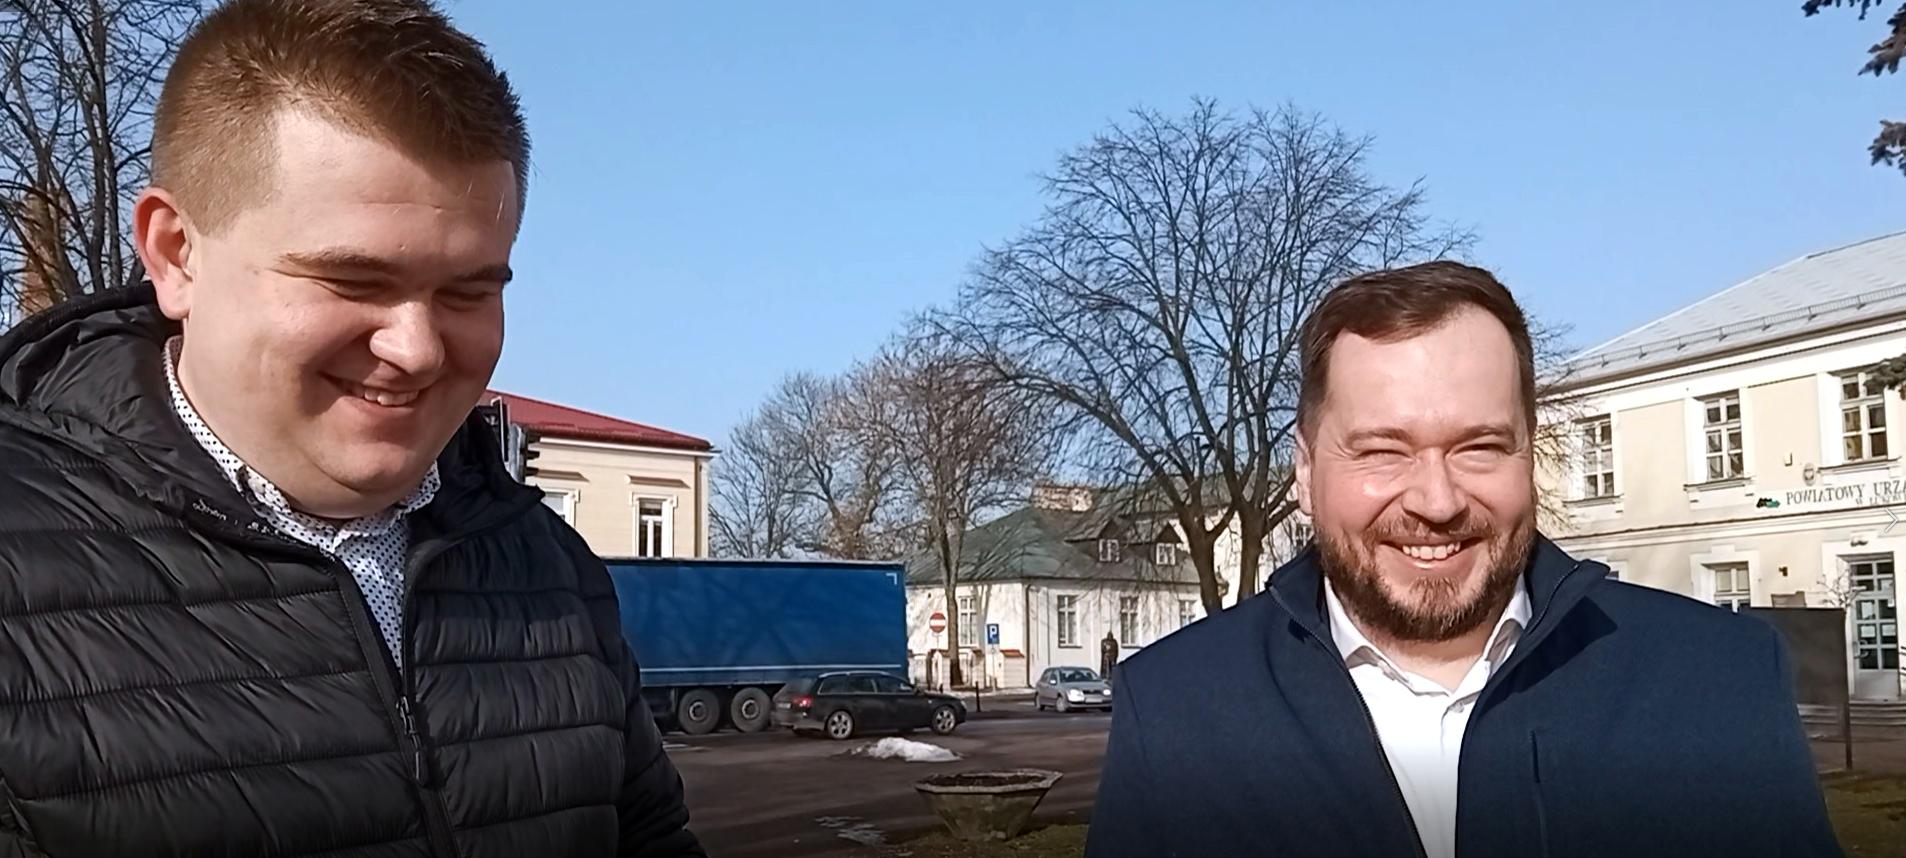 """ŁUKÓW. Popławski i Sych przeciw brutalizacji języka w polityce. """"Zdziczenie i chamstwo""""  (WIDEO) - Zdjęcie główne"""